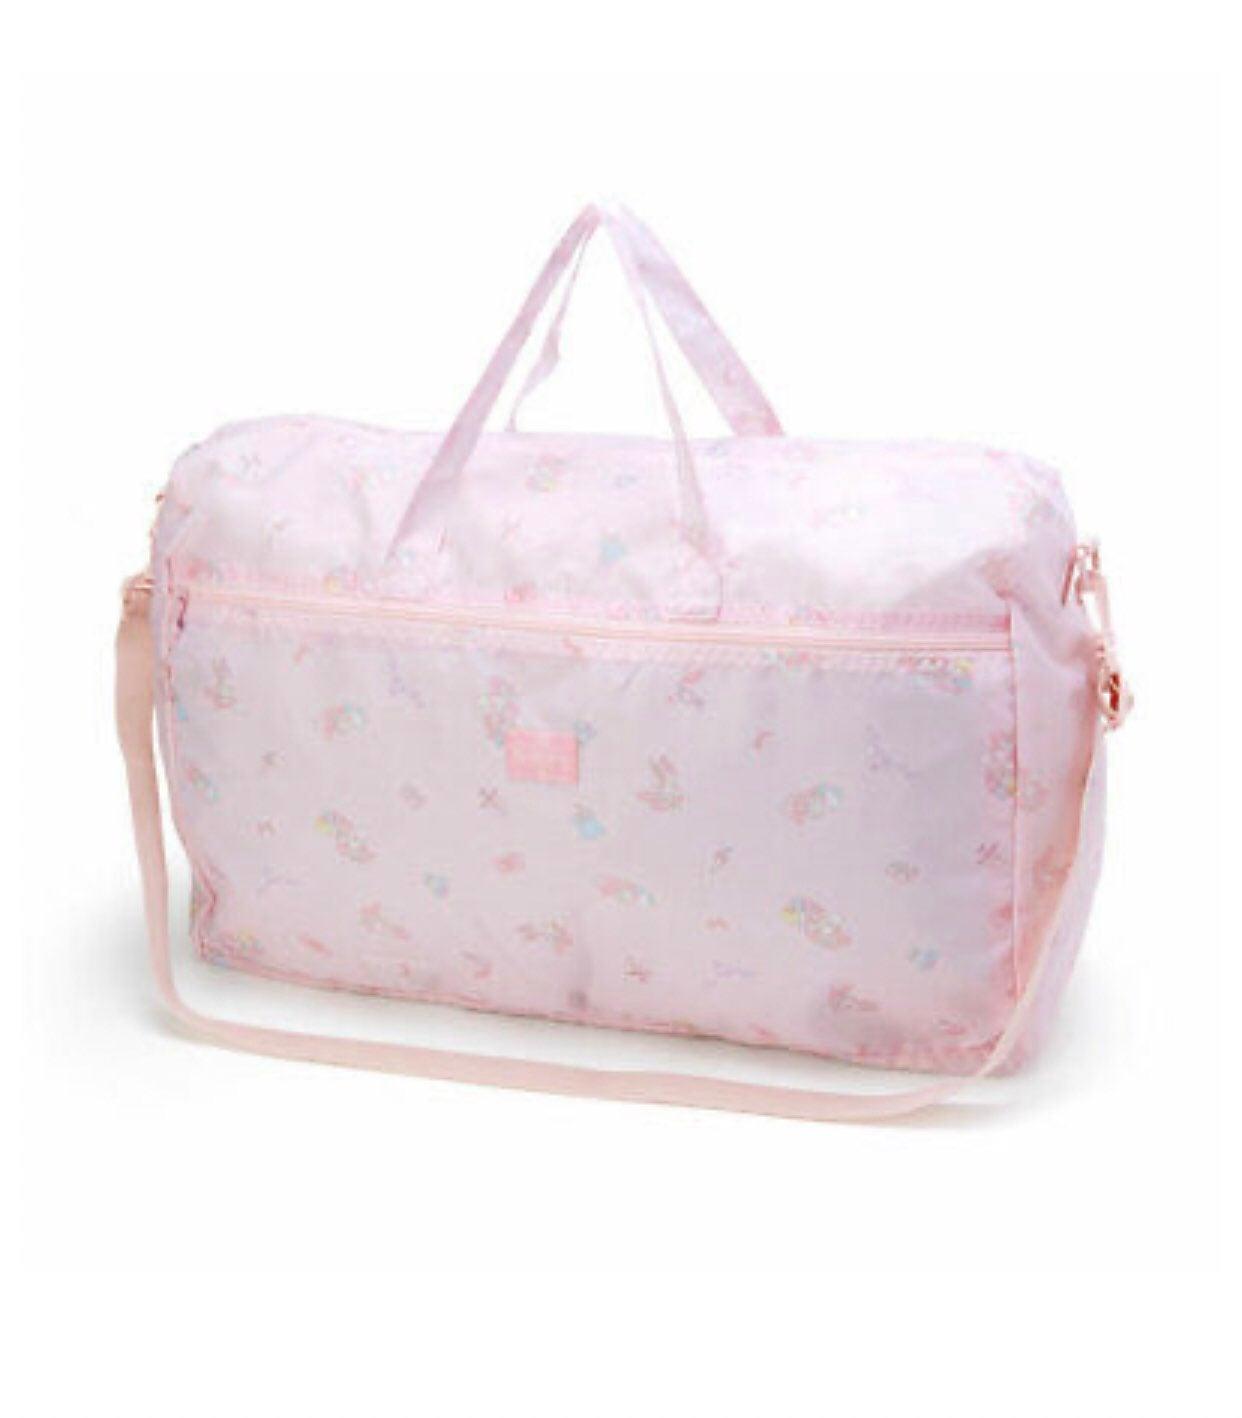 Sanrio My Melody Packable Weekender Bag